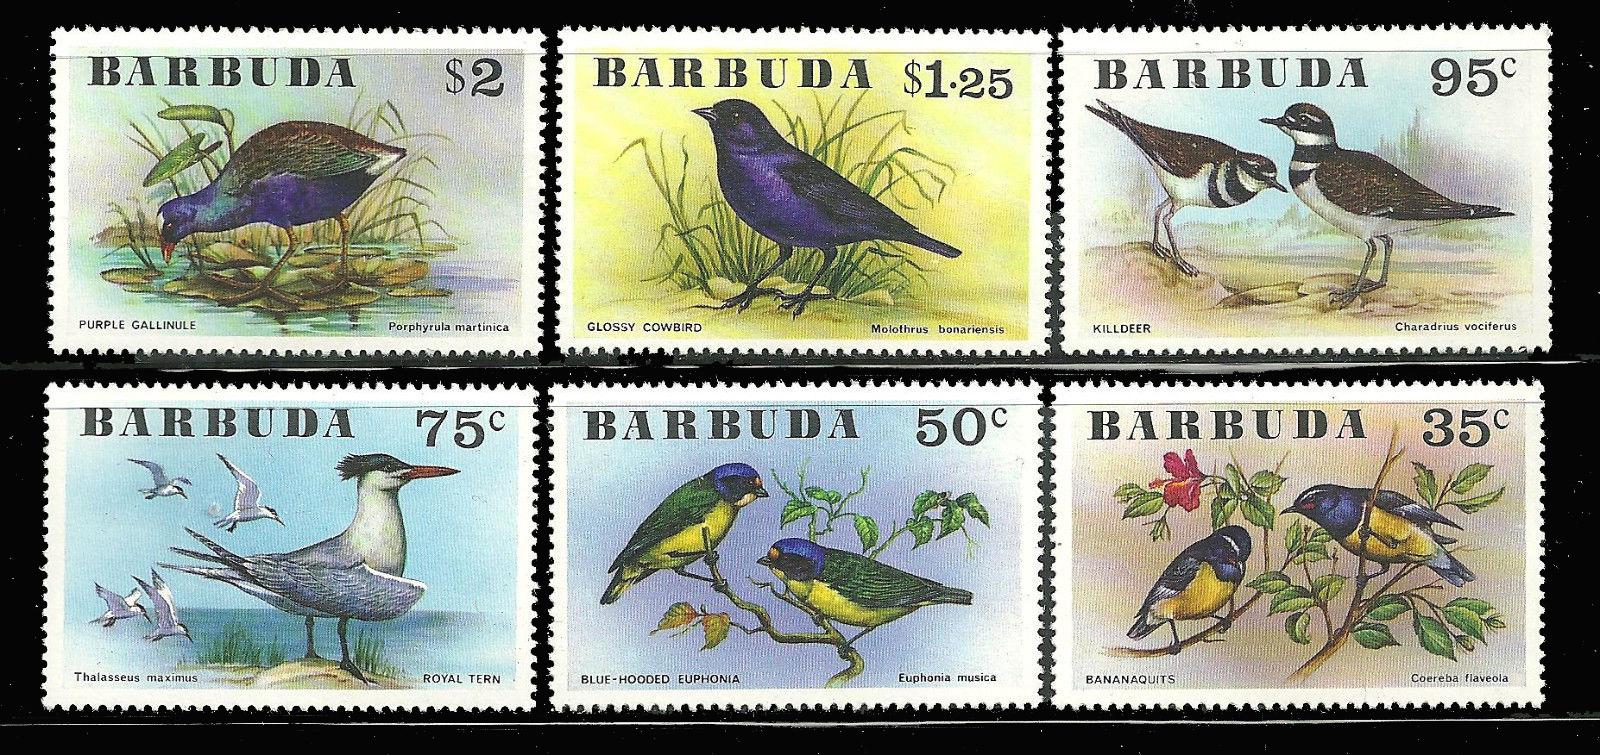 แสตมป์ แอนติกา บาบูด้า ชุด Birds นกนานาพันธุ์ ปี 1976 - Antigua and Barbuda